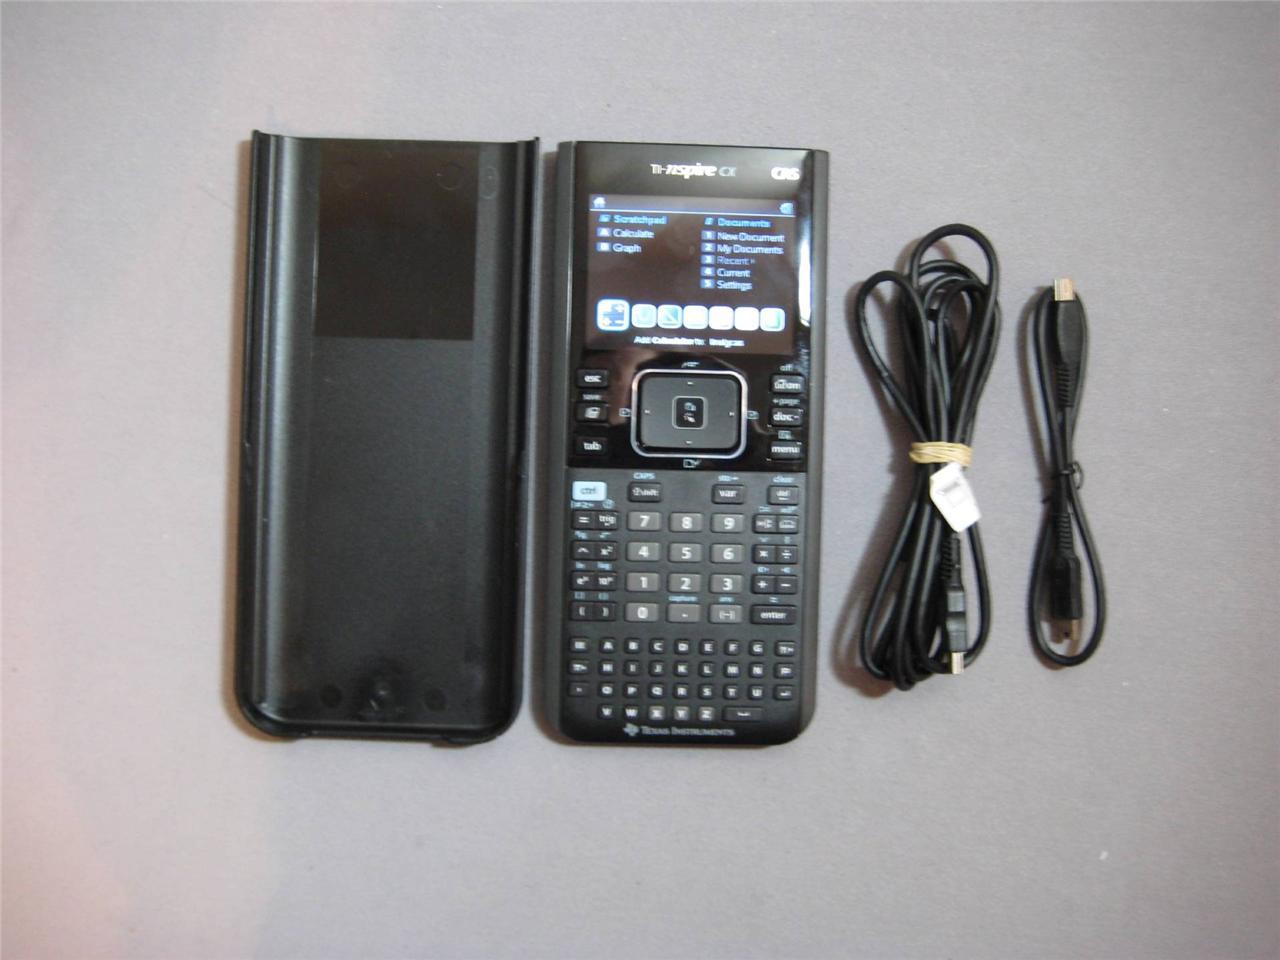 Ti Nspire Cx Cas Graphing Calculator New No Box Bulk